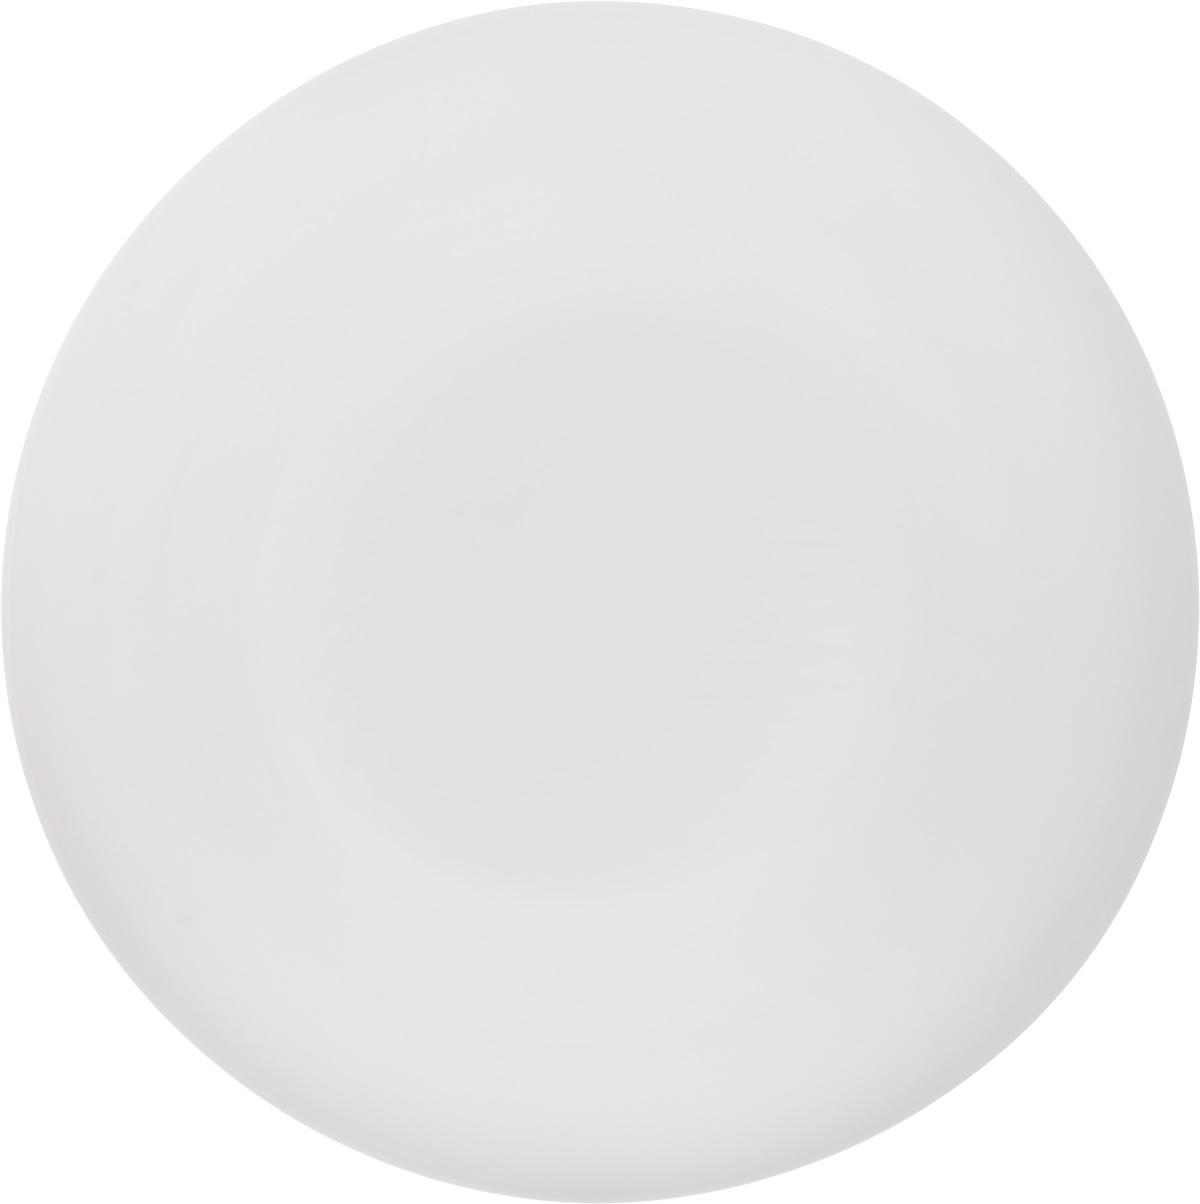 Тарелка обеденная Luminarc Olax, диаметр 25 смL1354Обеденная тарелка Luminarc Olax изготовленаиз ударопрочного стекла белого цвета. Дизайн придется по вкусу и ценителям классики, и тем, кто предпочитает утонченность. Тарелка Luminarc Olax идеально подойдет для сервировки вторых блюд из птицы, рыбы, мяса или овощей, а также станет отличным подарком к любому празднику.Диаметр тарелки (по верхнему краю): 25 см.